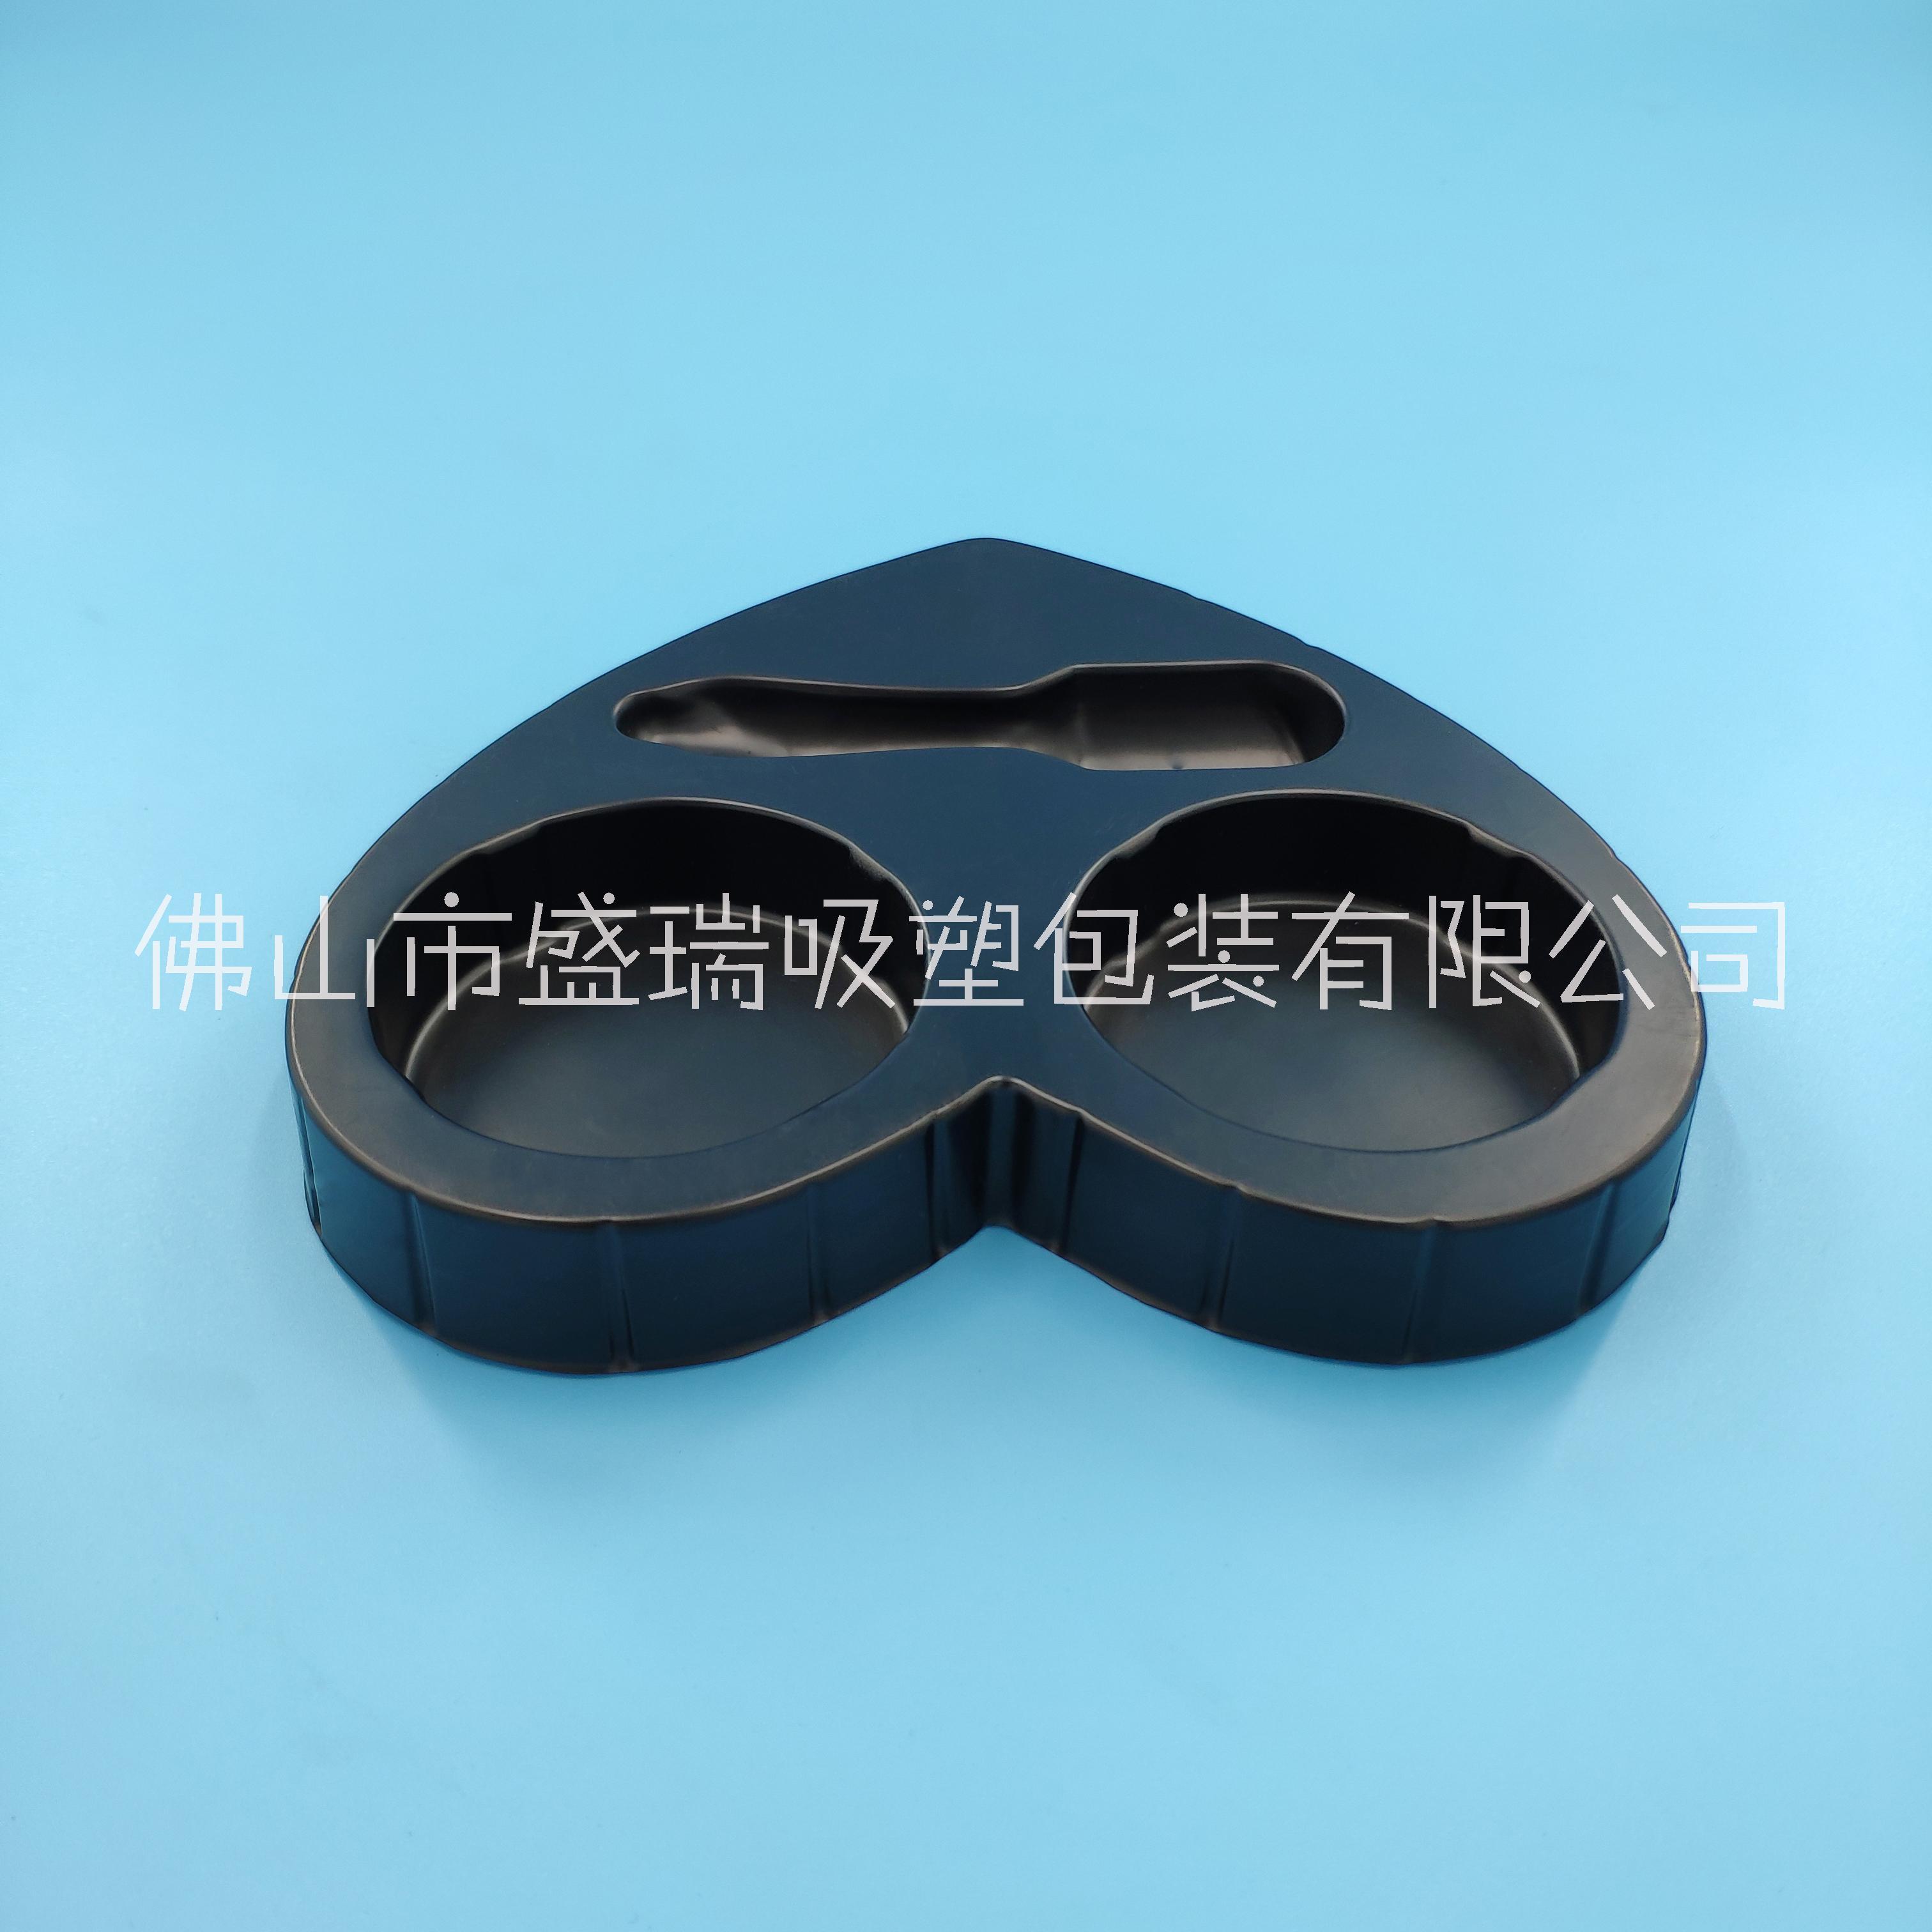 广州文具吸塑盒厂家-全国供应-定制批发 文具吸塑盒PVC